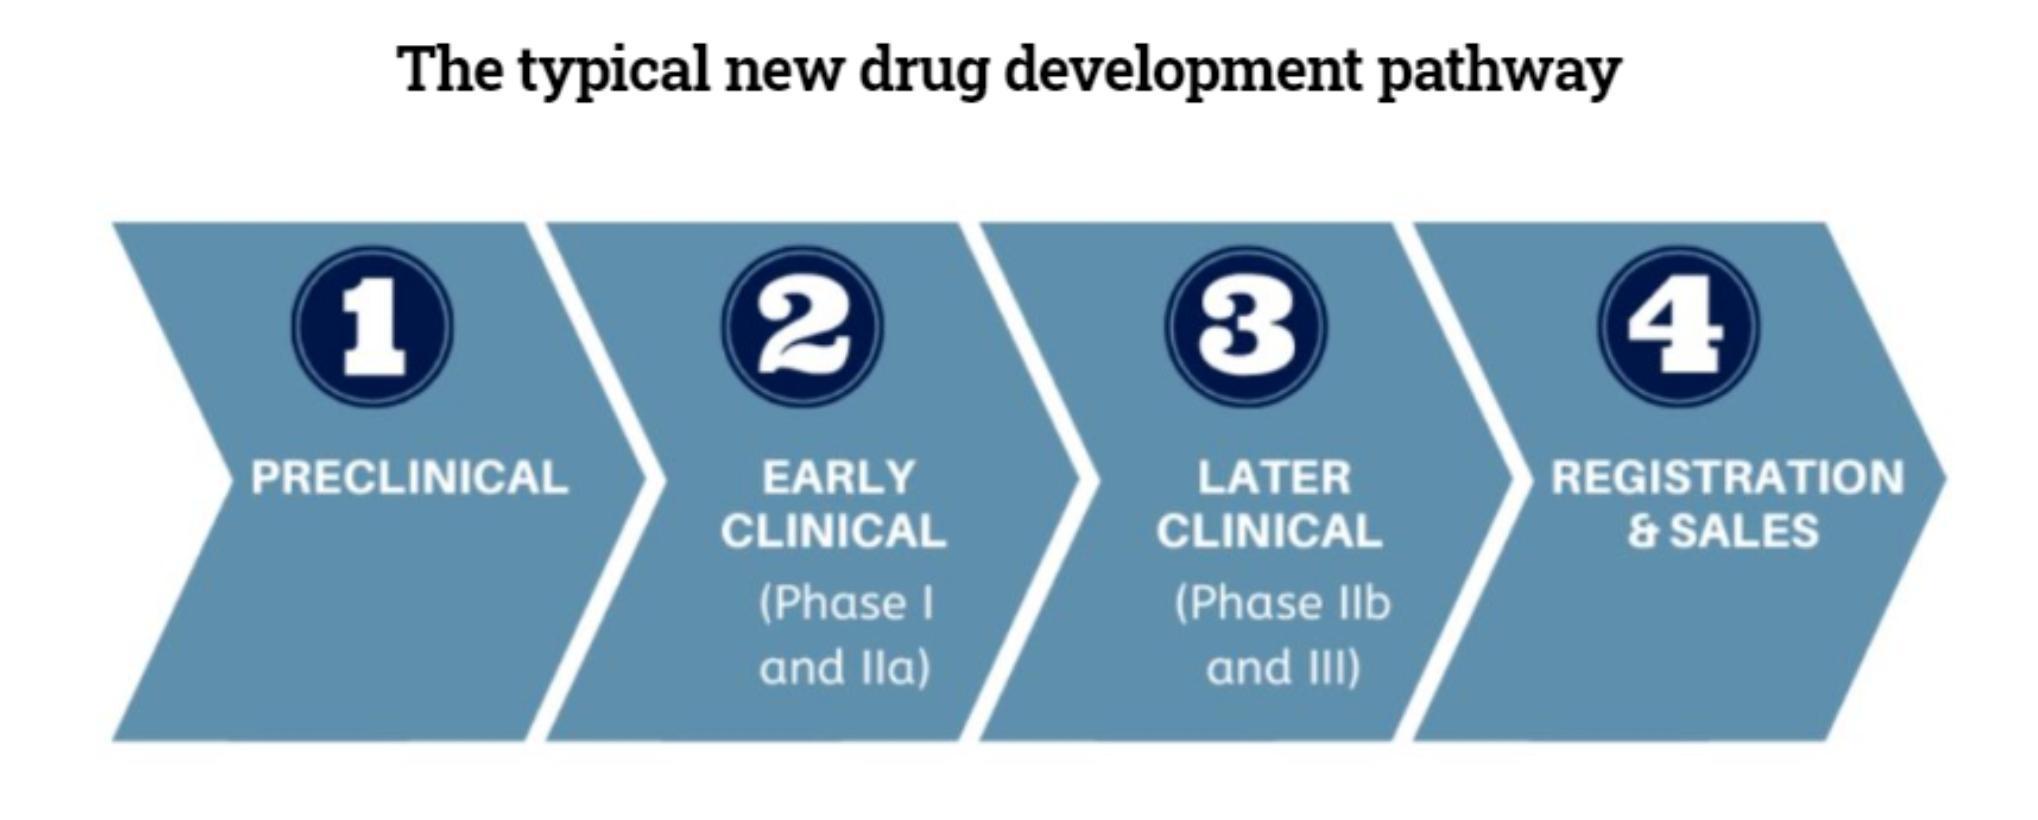 生物技术公司正将外泌体向临床试验推进